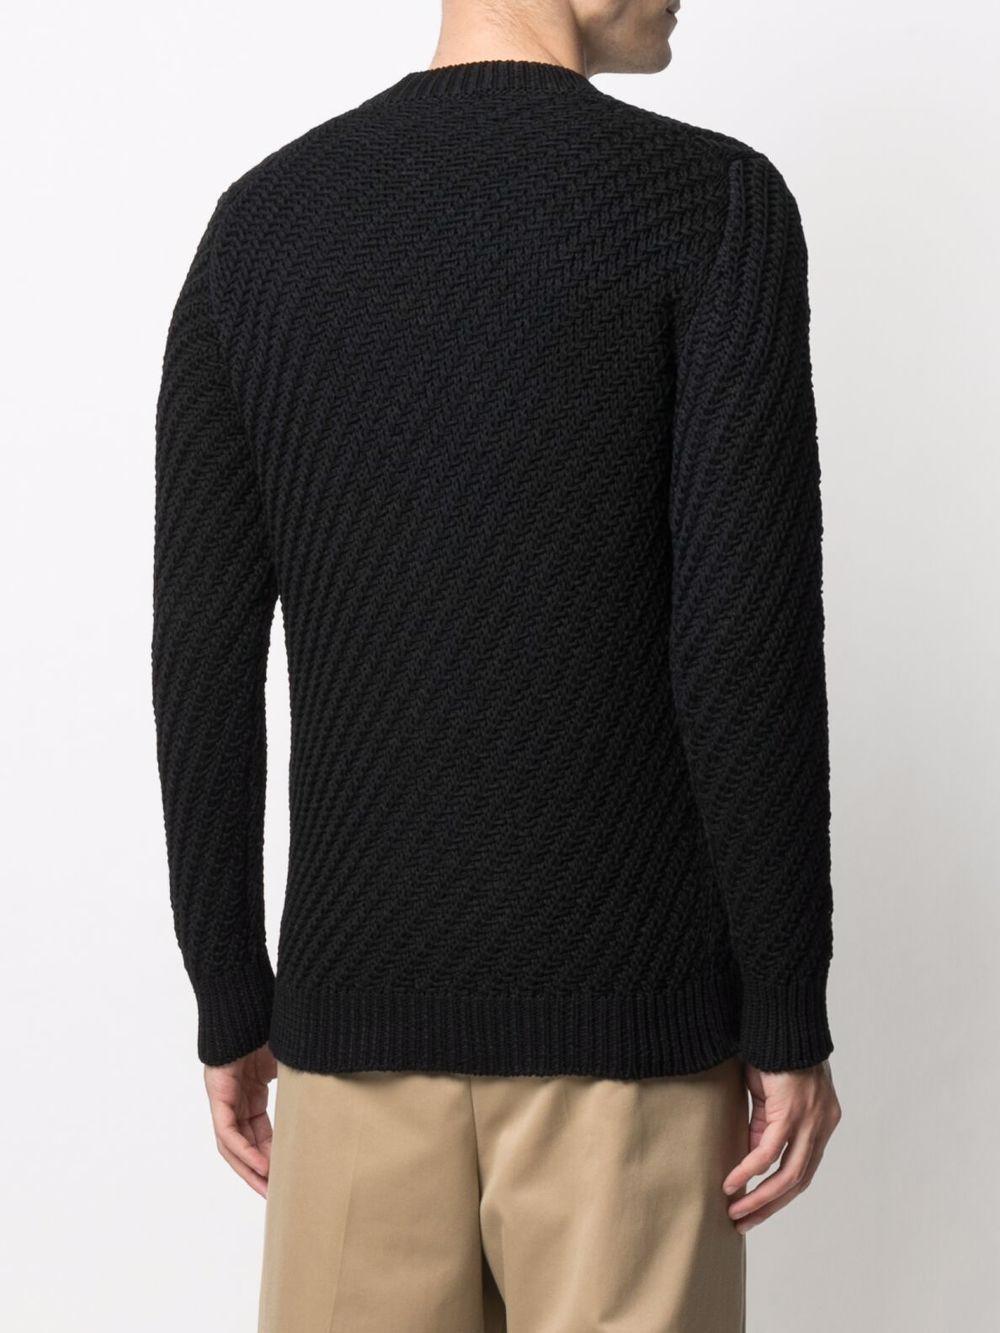 Cardigan lavorato a maglia con scollo a V in cotone nero ROBERTO COLLINA | Cardigan | RE2911009